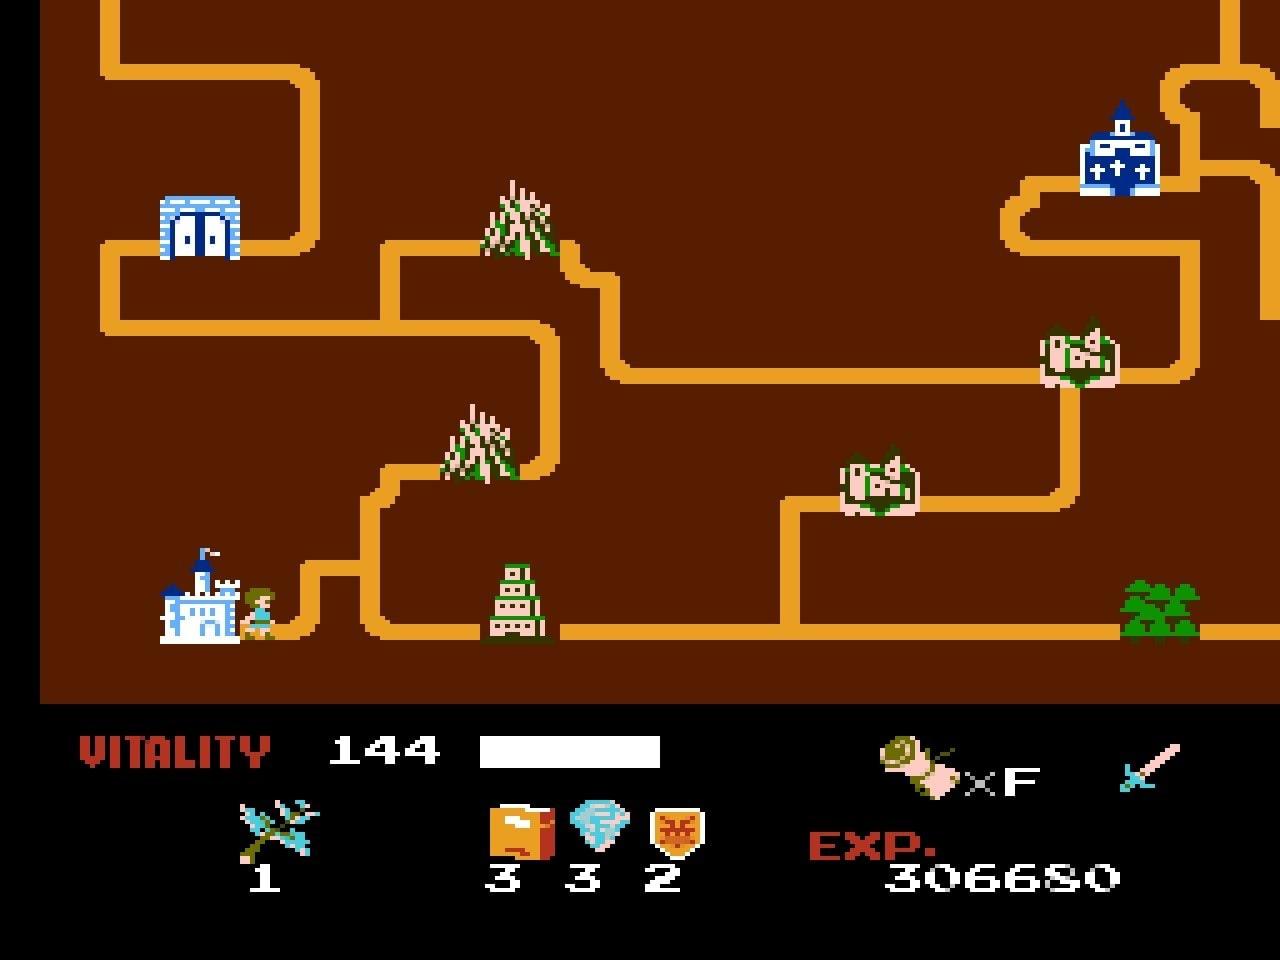 ファミコン版『ドラゴンバスター』金色に輝くカセットに詰まった「2段ジャンプ」「兜割り」習得の記憶の画像008